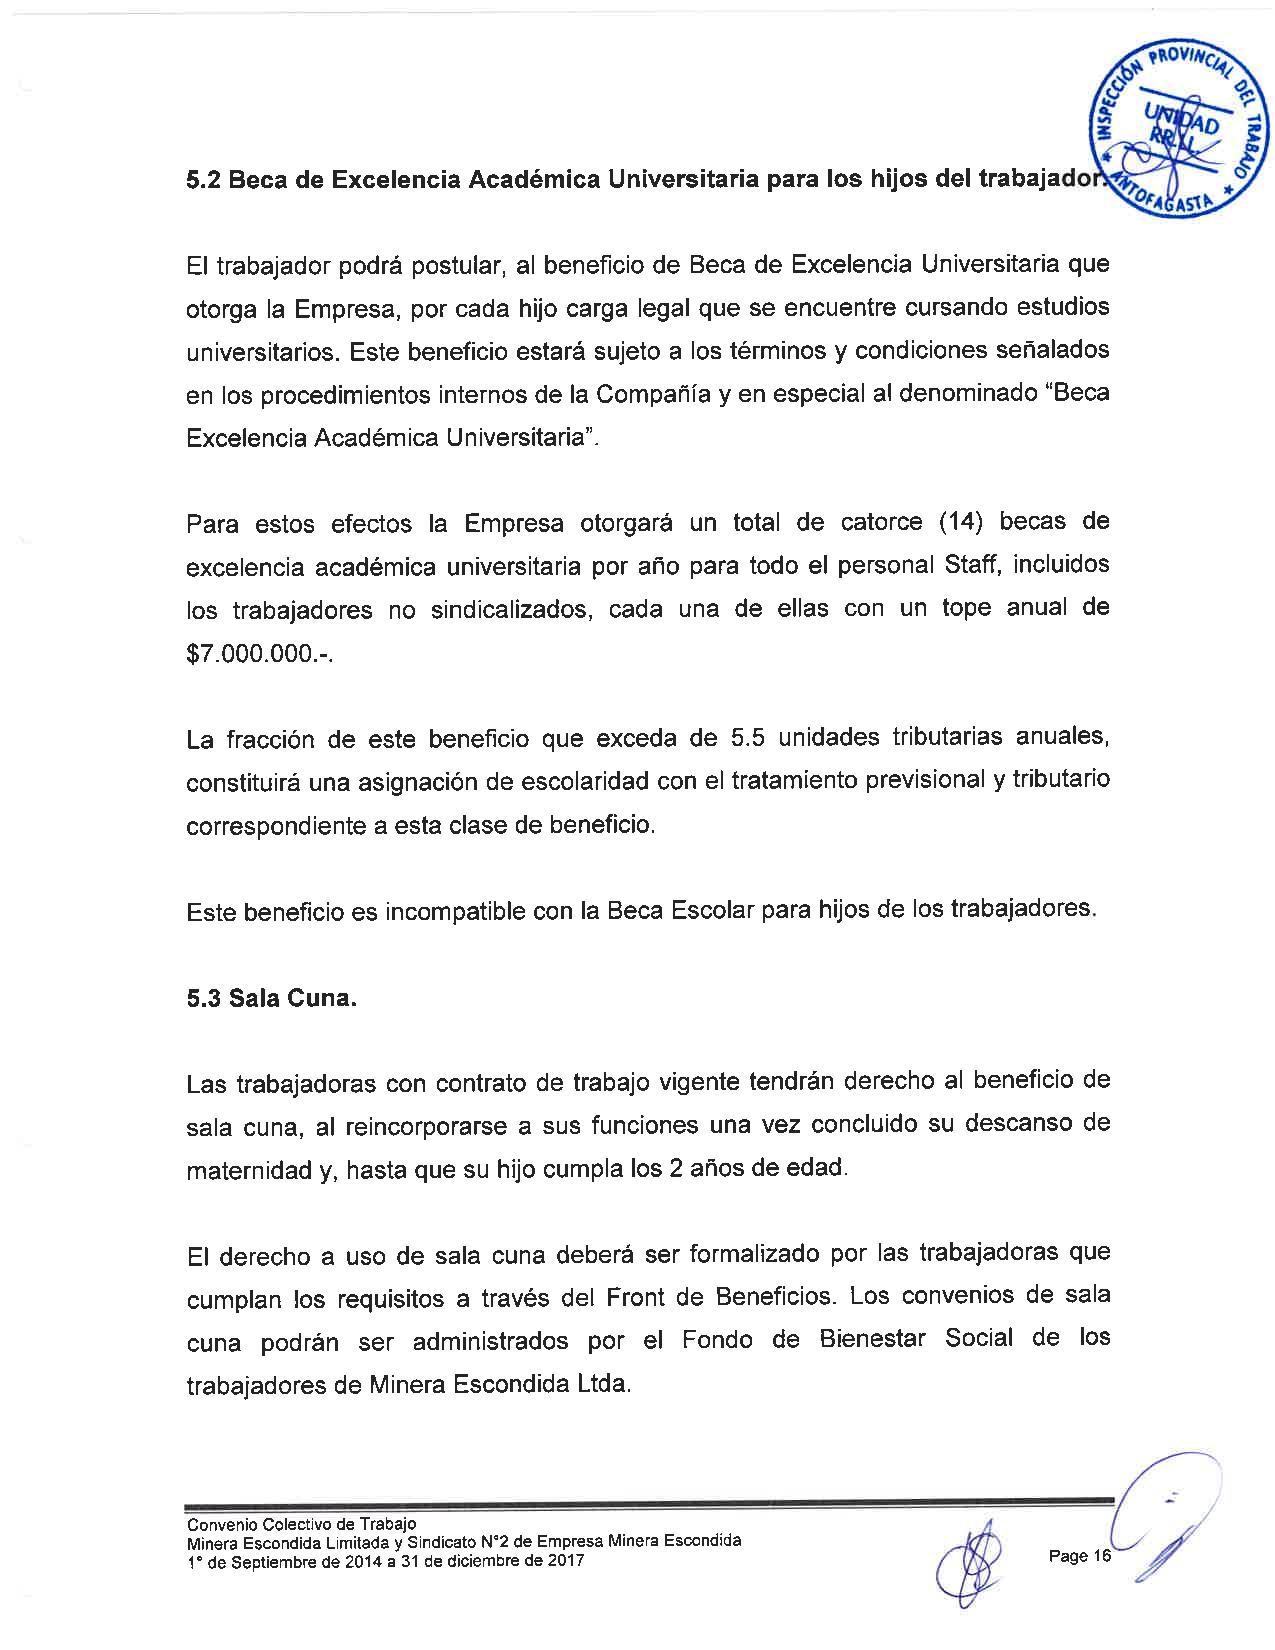 Página (16).jpg